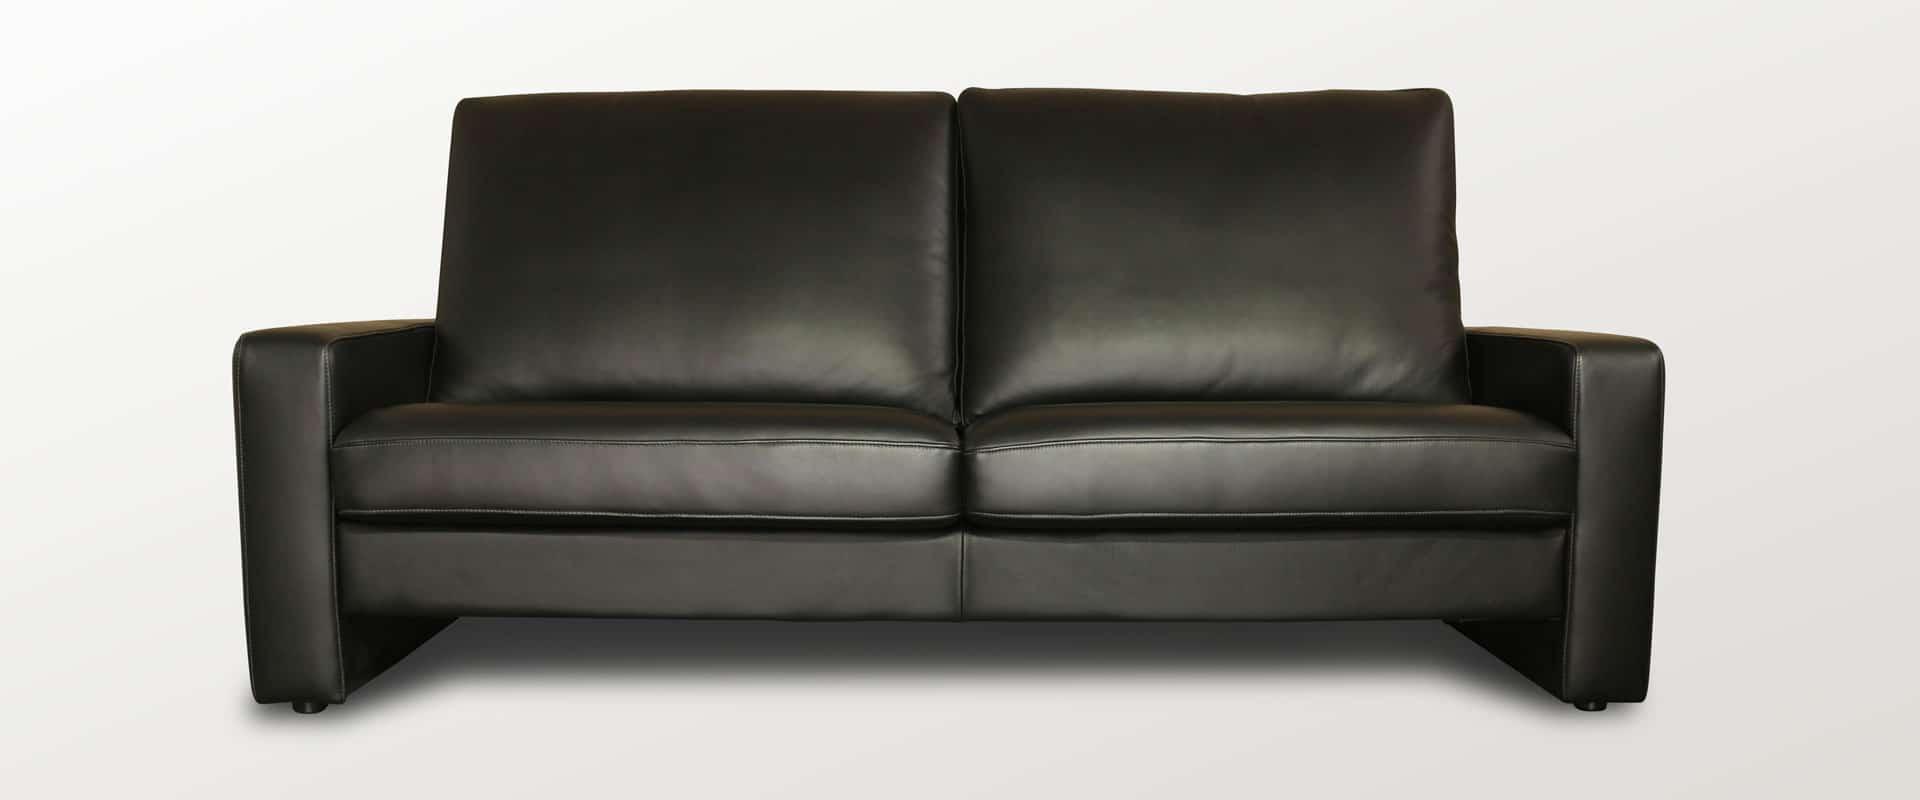 Sofa in schwarzem Leder